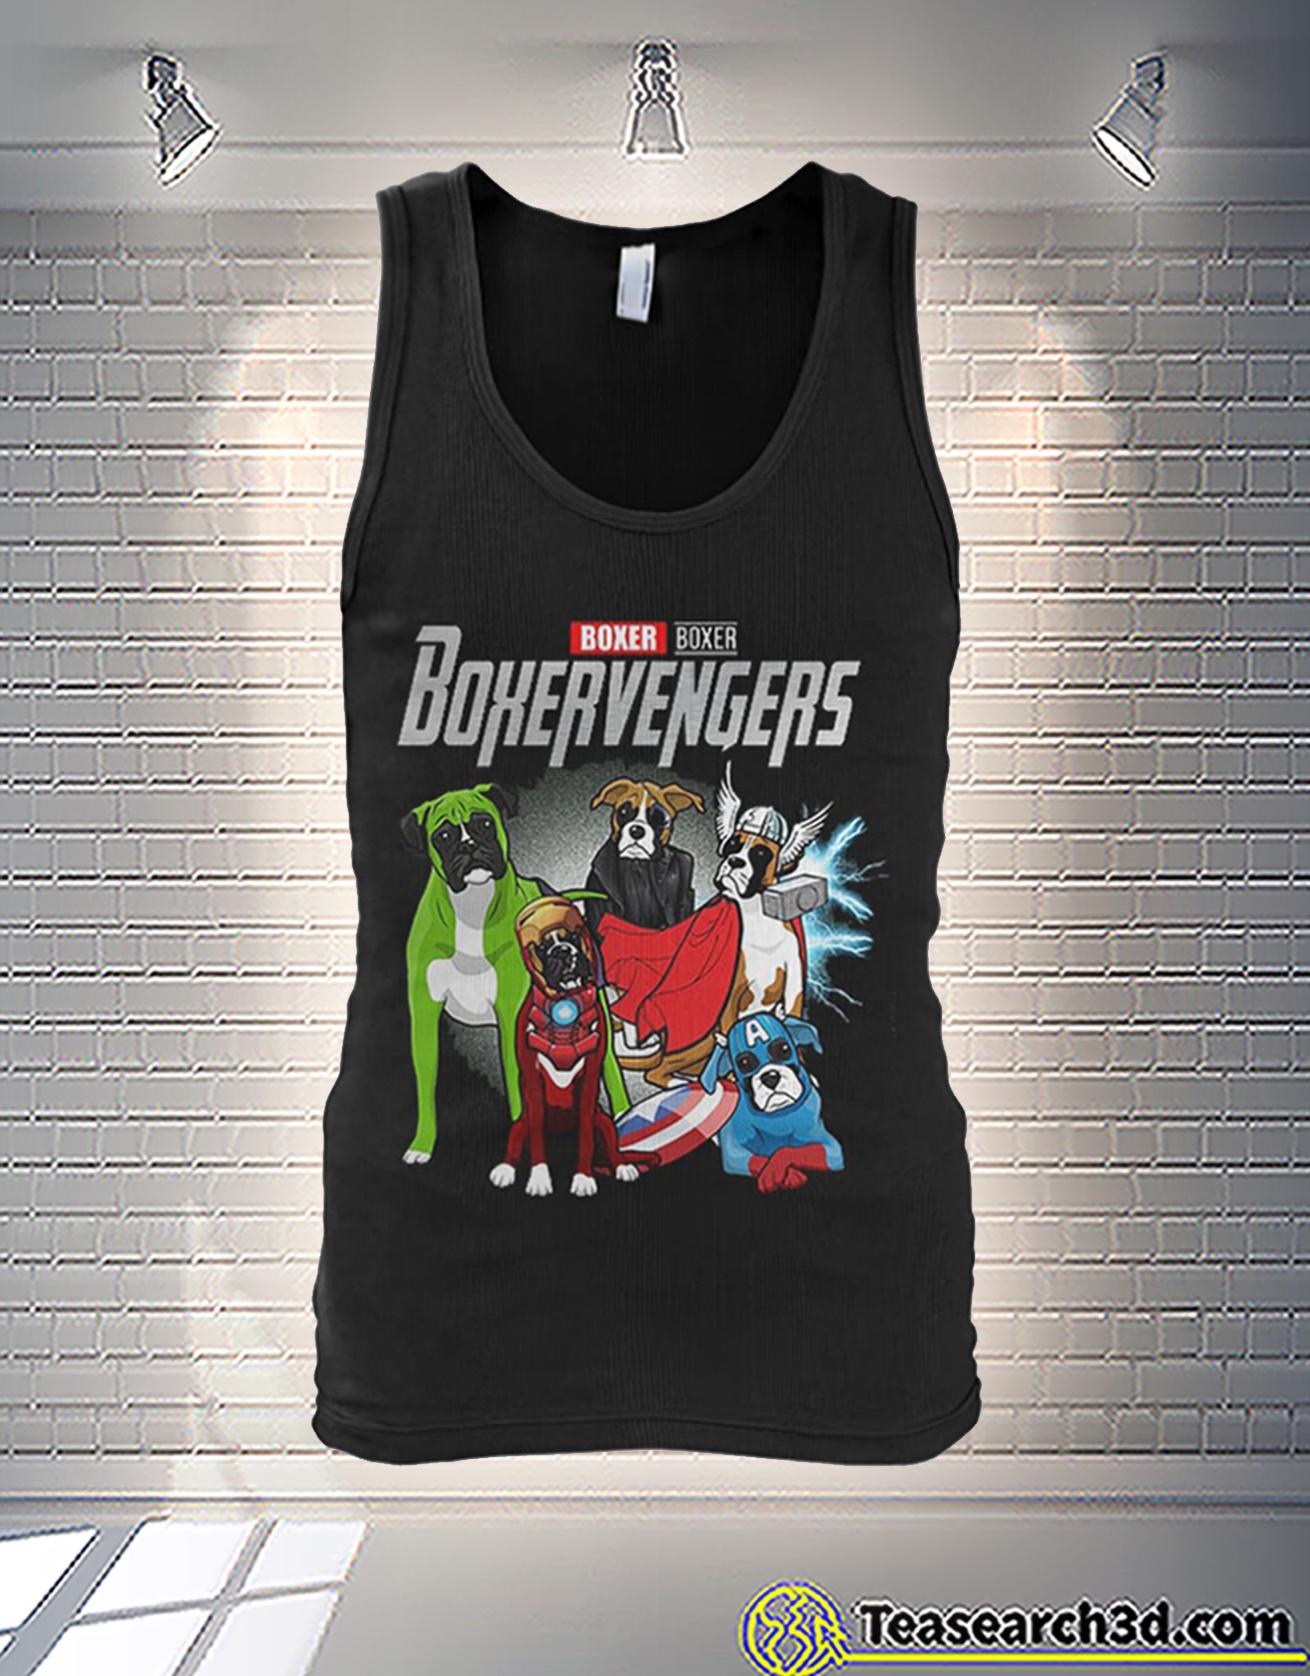 Boxer boxer boxervengers avengers tank